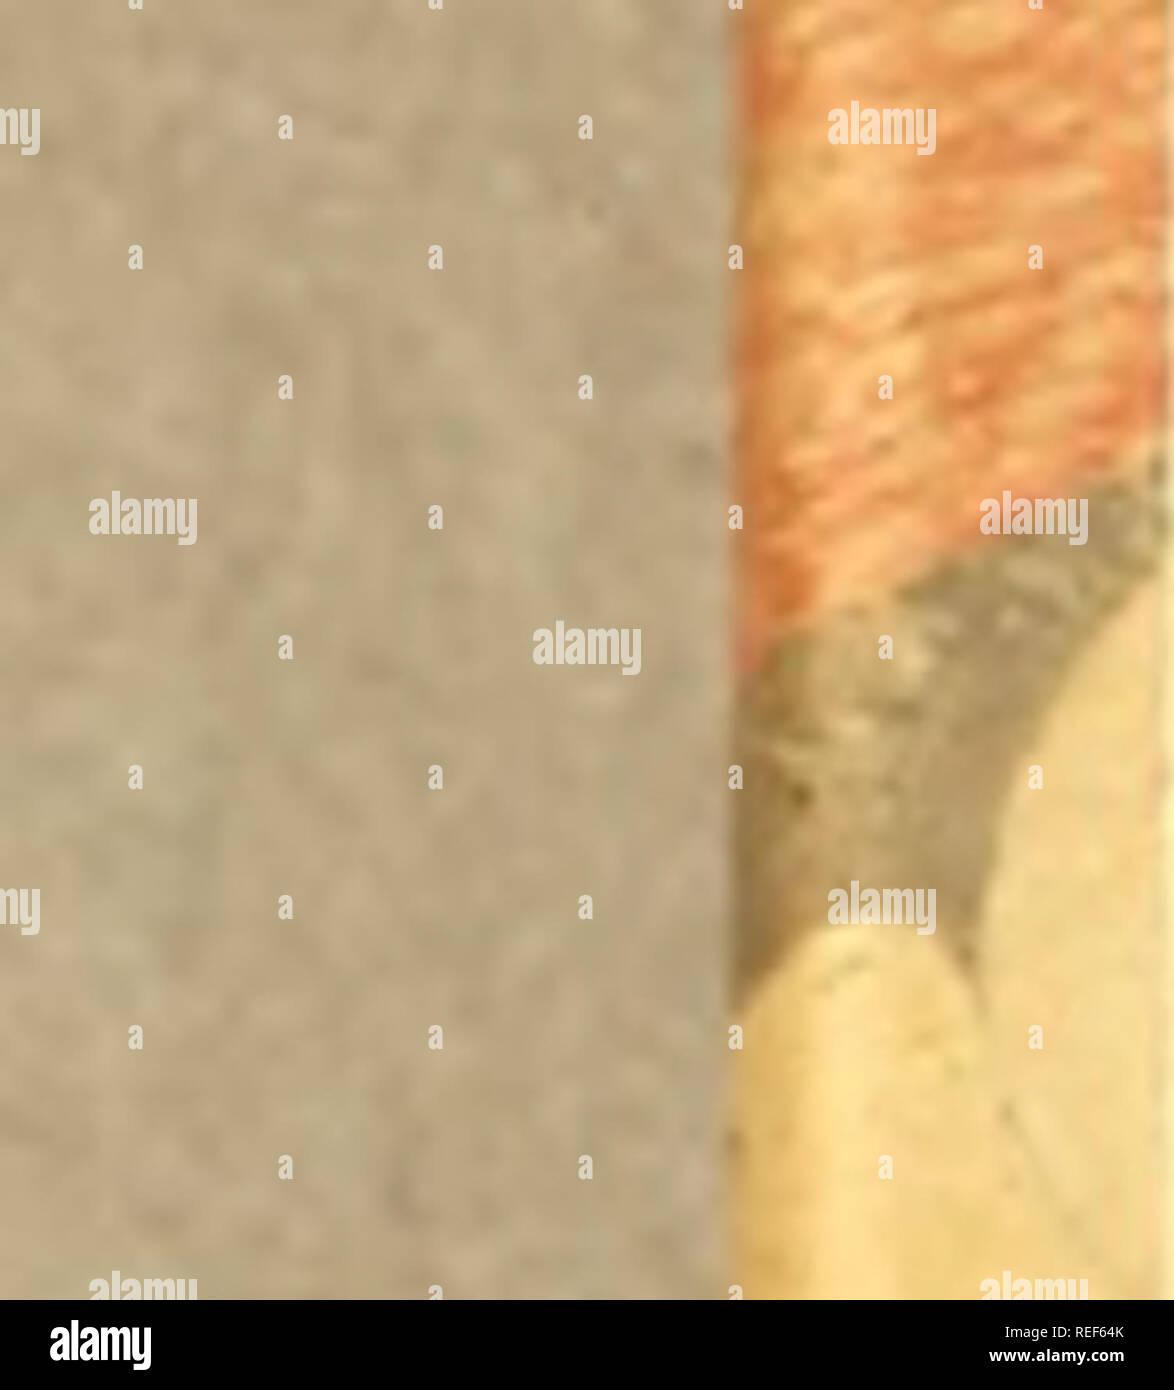 . Compendio de observaçoens, : que fórmaõ o plano da viagem politica, e filosofica, que se deve fazer dentra da patria. Dedicado a Sua Alteza Real o Serenissimo Principe do Brasil. Natural history; Mines and mineral resources; Silk industry; Imprint 1783. §4 Parte II. Çap. XL nes, Leites, Óleos , Pelles, Lans ; fe para a caqa ; para levar tranfportcs, para divertimento, &c. Caqa. X!L Com que laços, redes 3 ina- chinas coílumaõ caqar-fe, e em que tempo. CAPITULO XII. íí Das Aves. PAra bem defcrever as Aves, fe no- tarão as circunftancias da Cabeça , Tronco , e Membros.. Please note that the - Stock Image